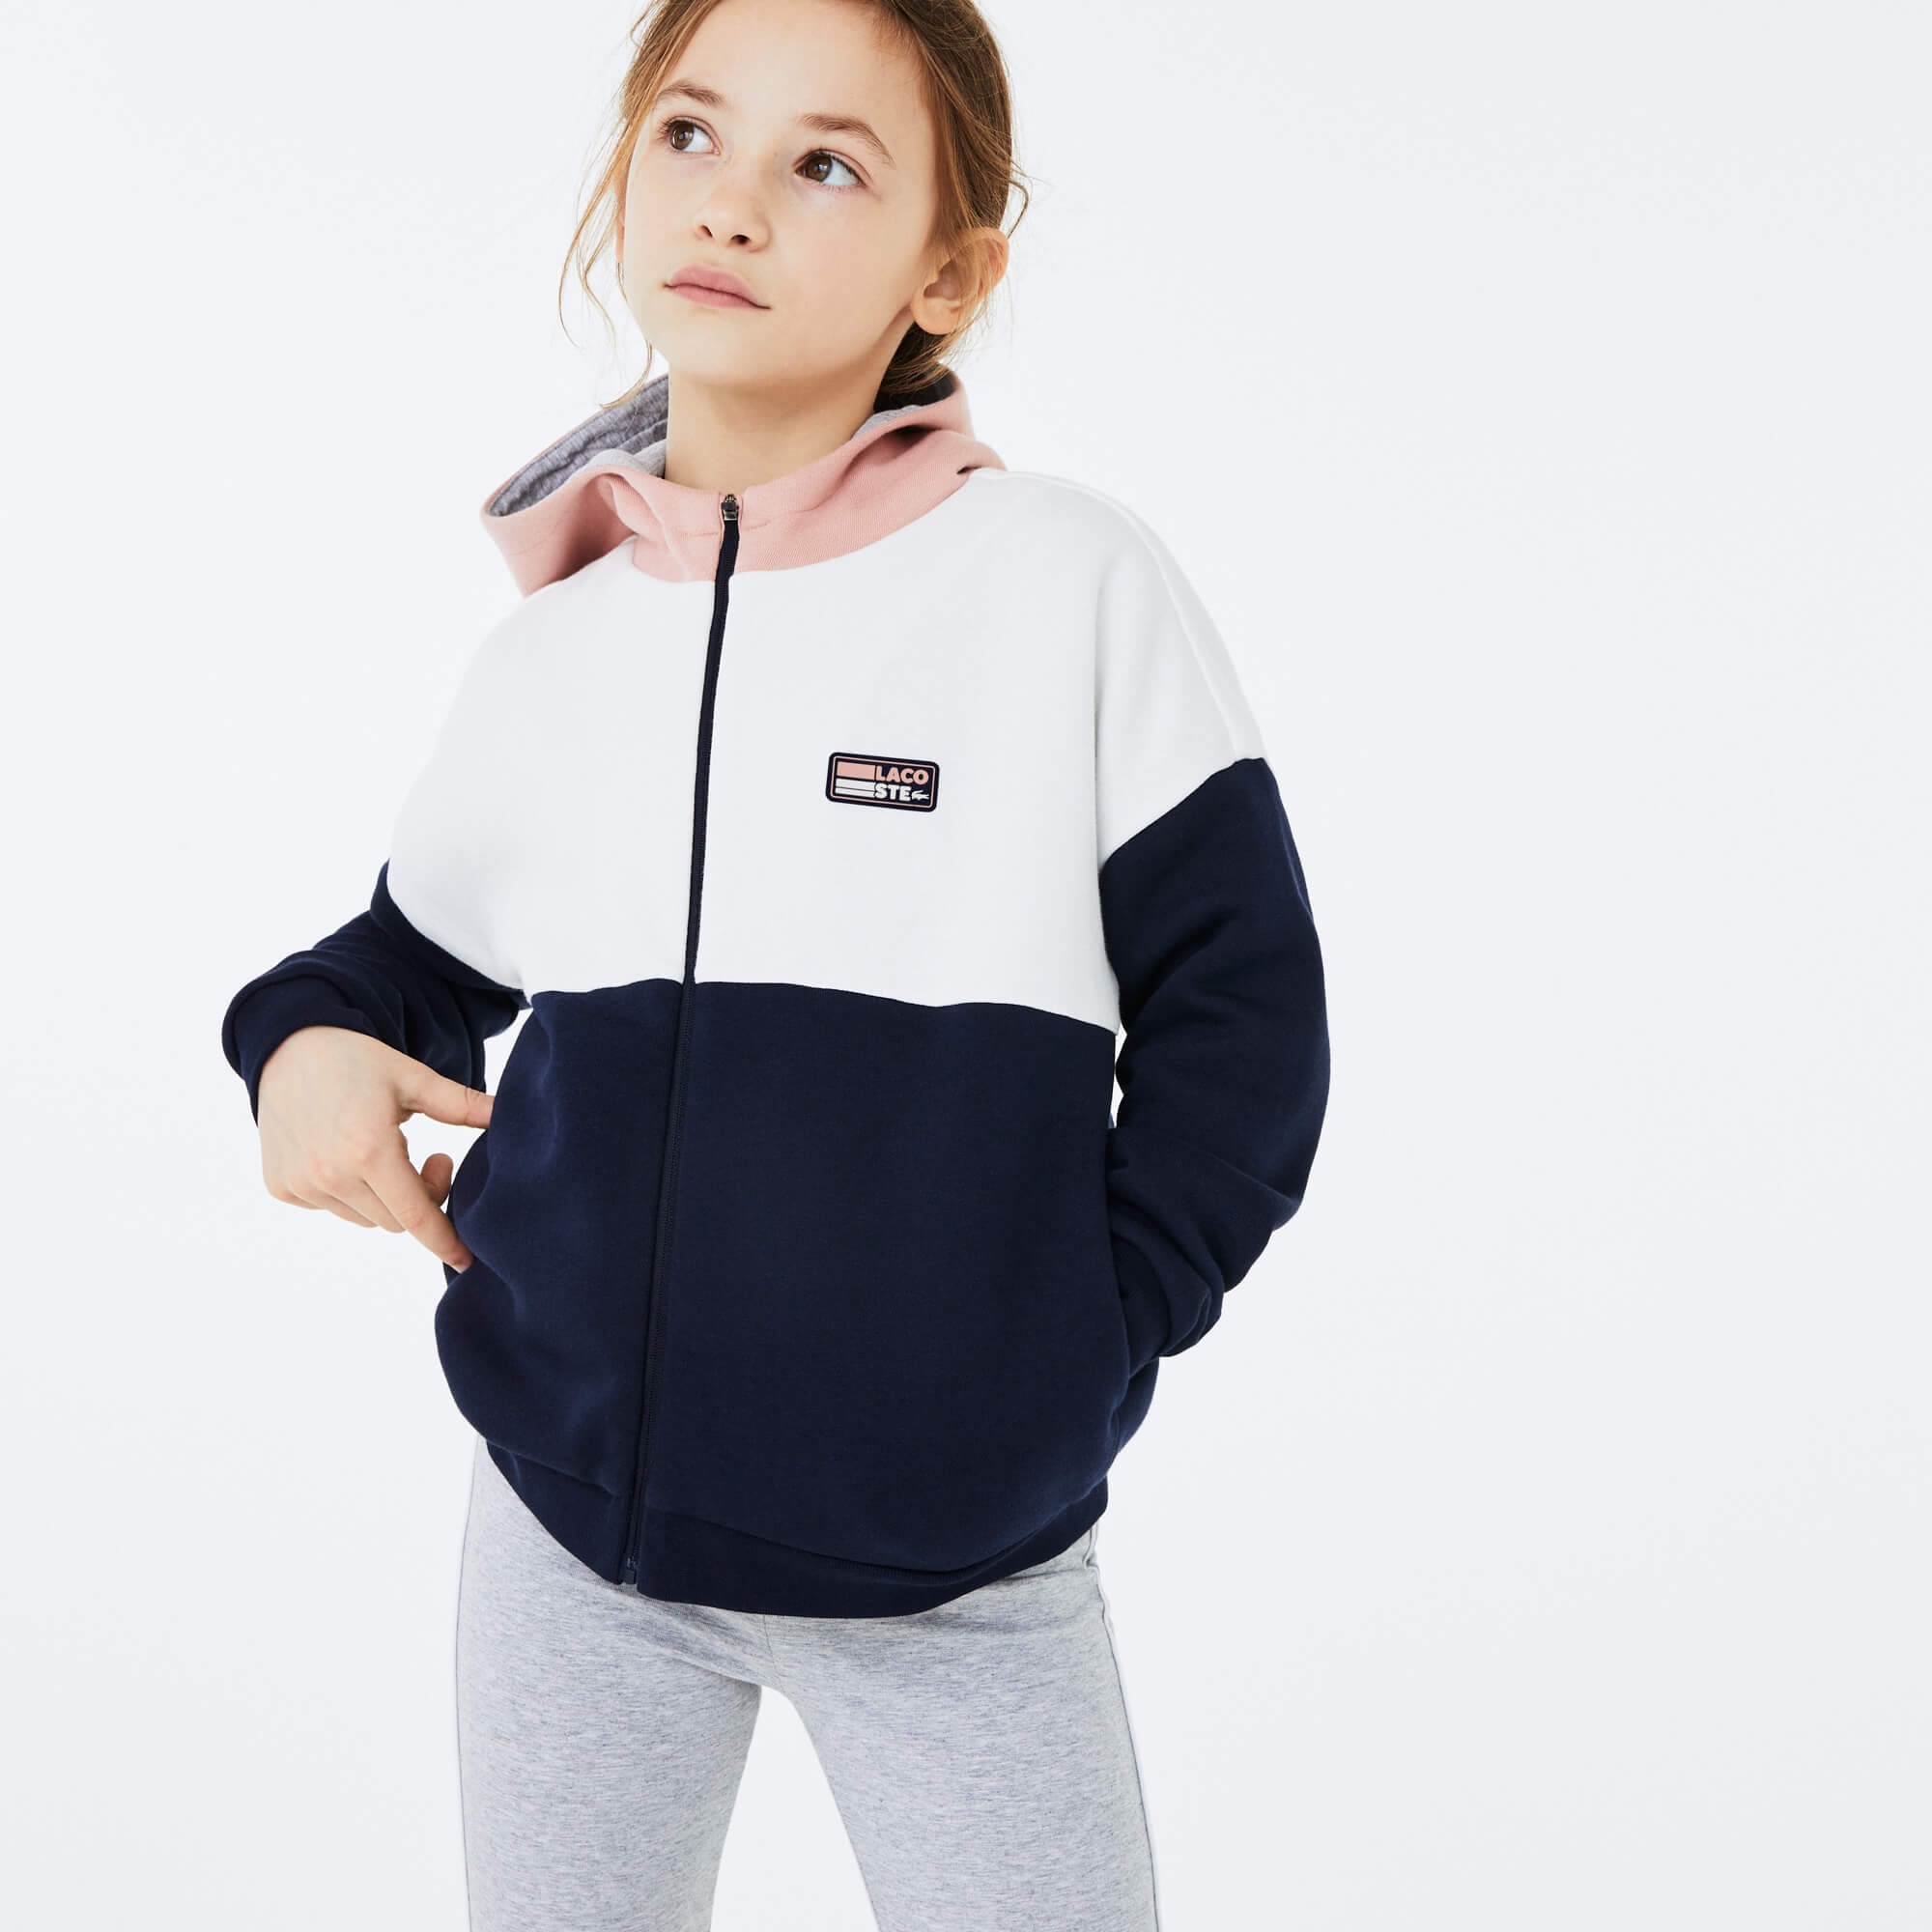 라코스테 걸즈 컬러블록 집업 후드티 Lacoste Girls SPORT Colorblock Fleece Sweatshirt